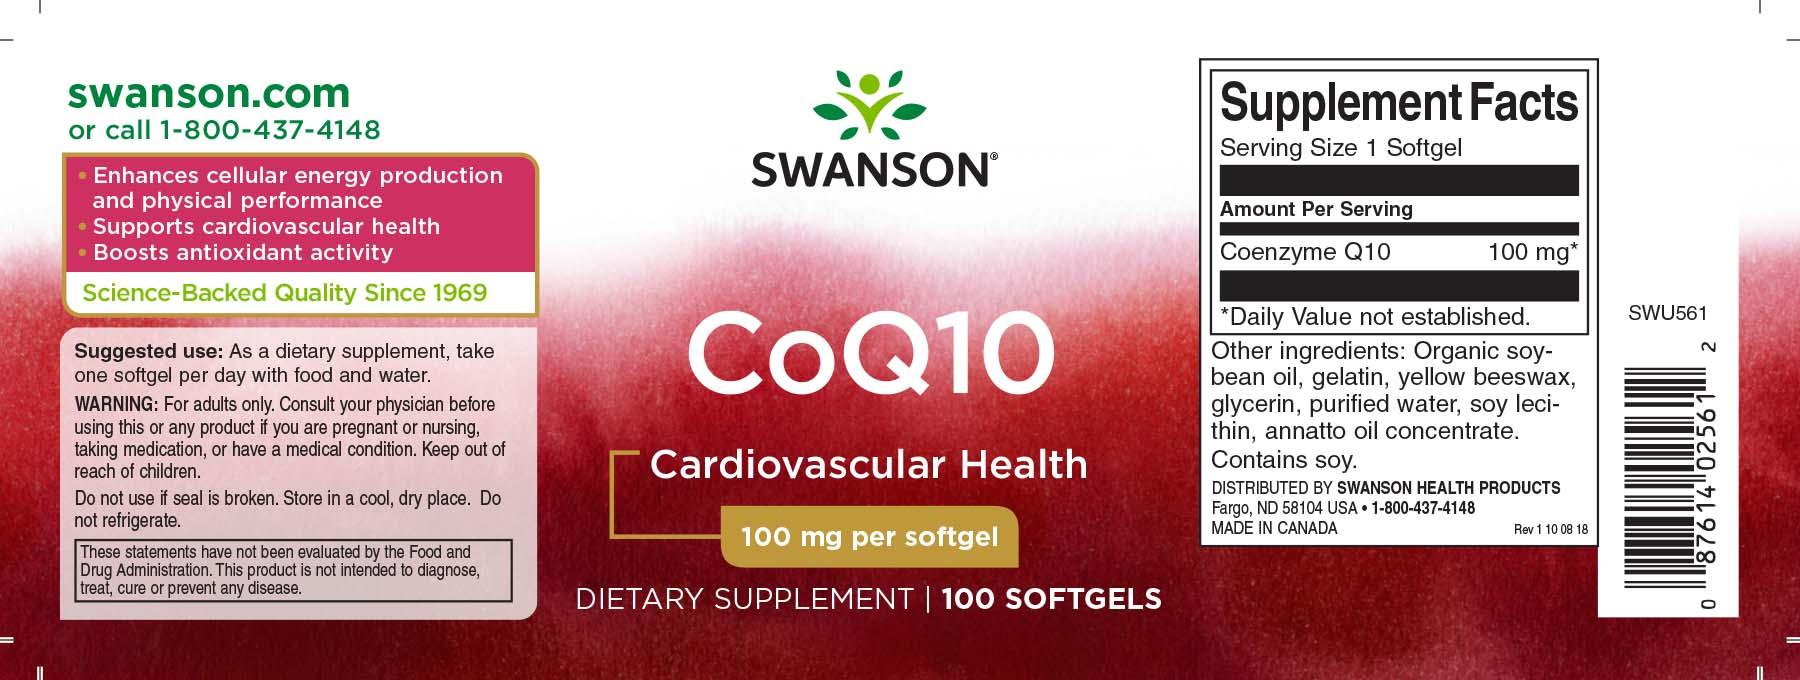 rezultatele pierderii greutate coq10)